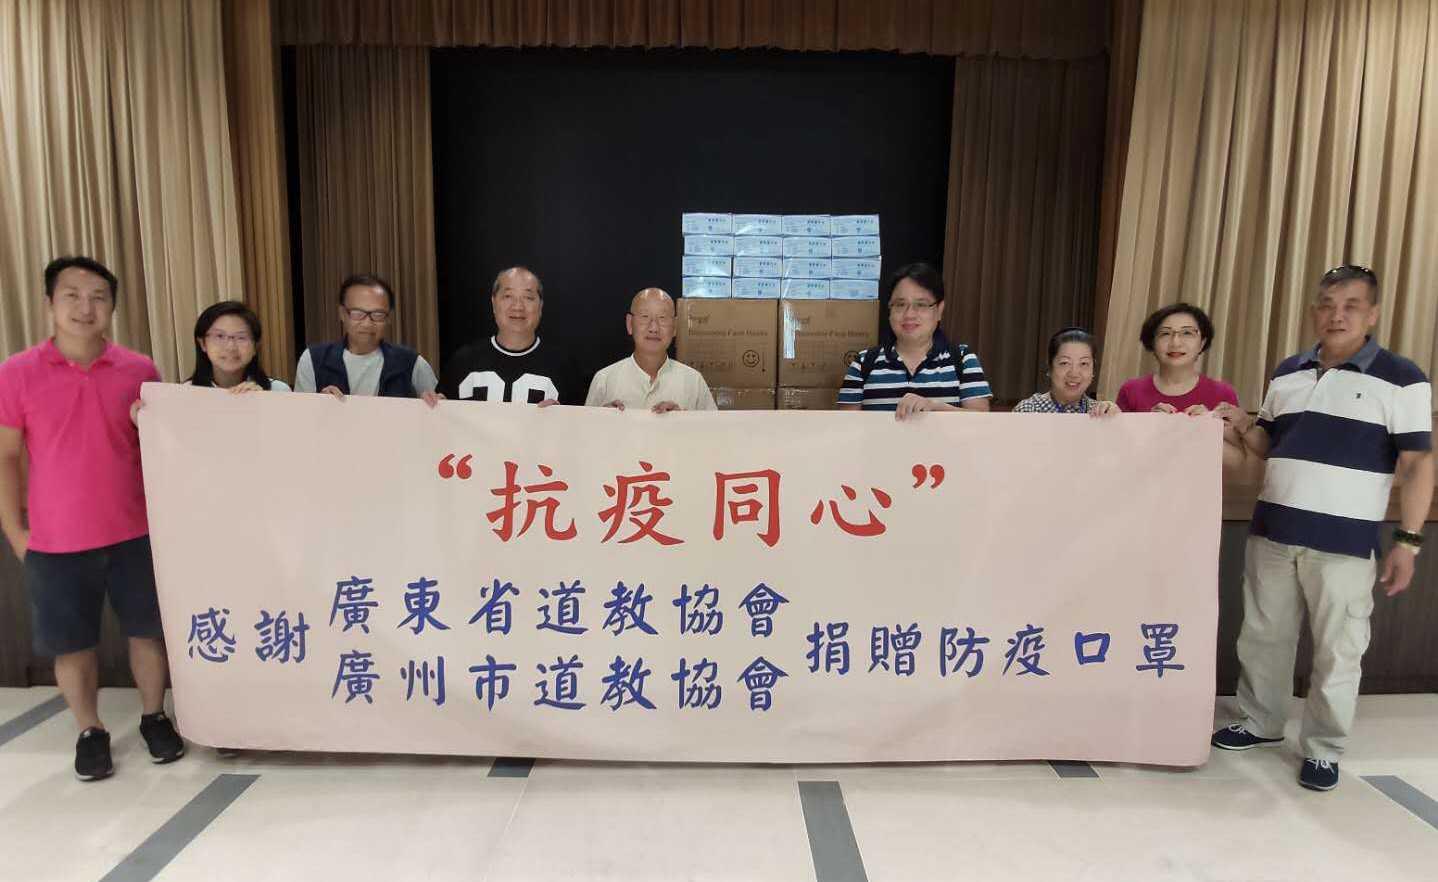 广东省佛教、道教协会分别向港澳佛道教界捐赠口罩